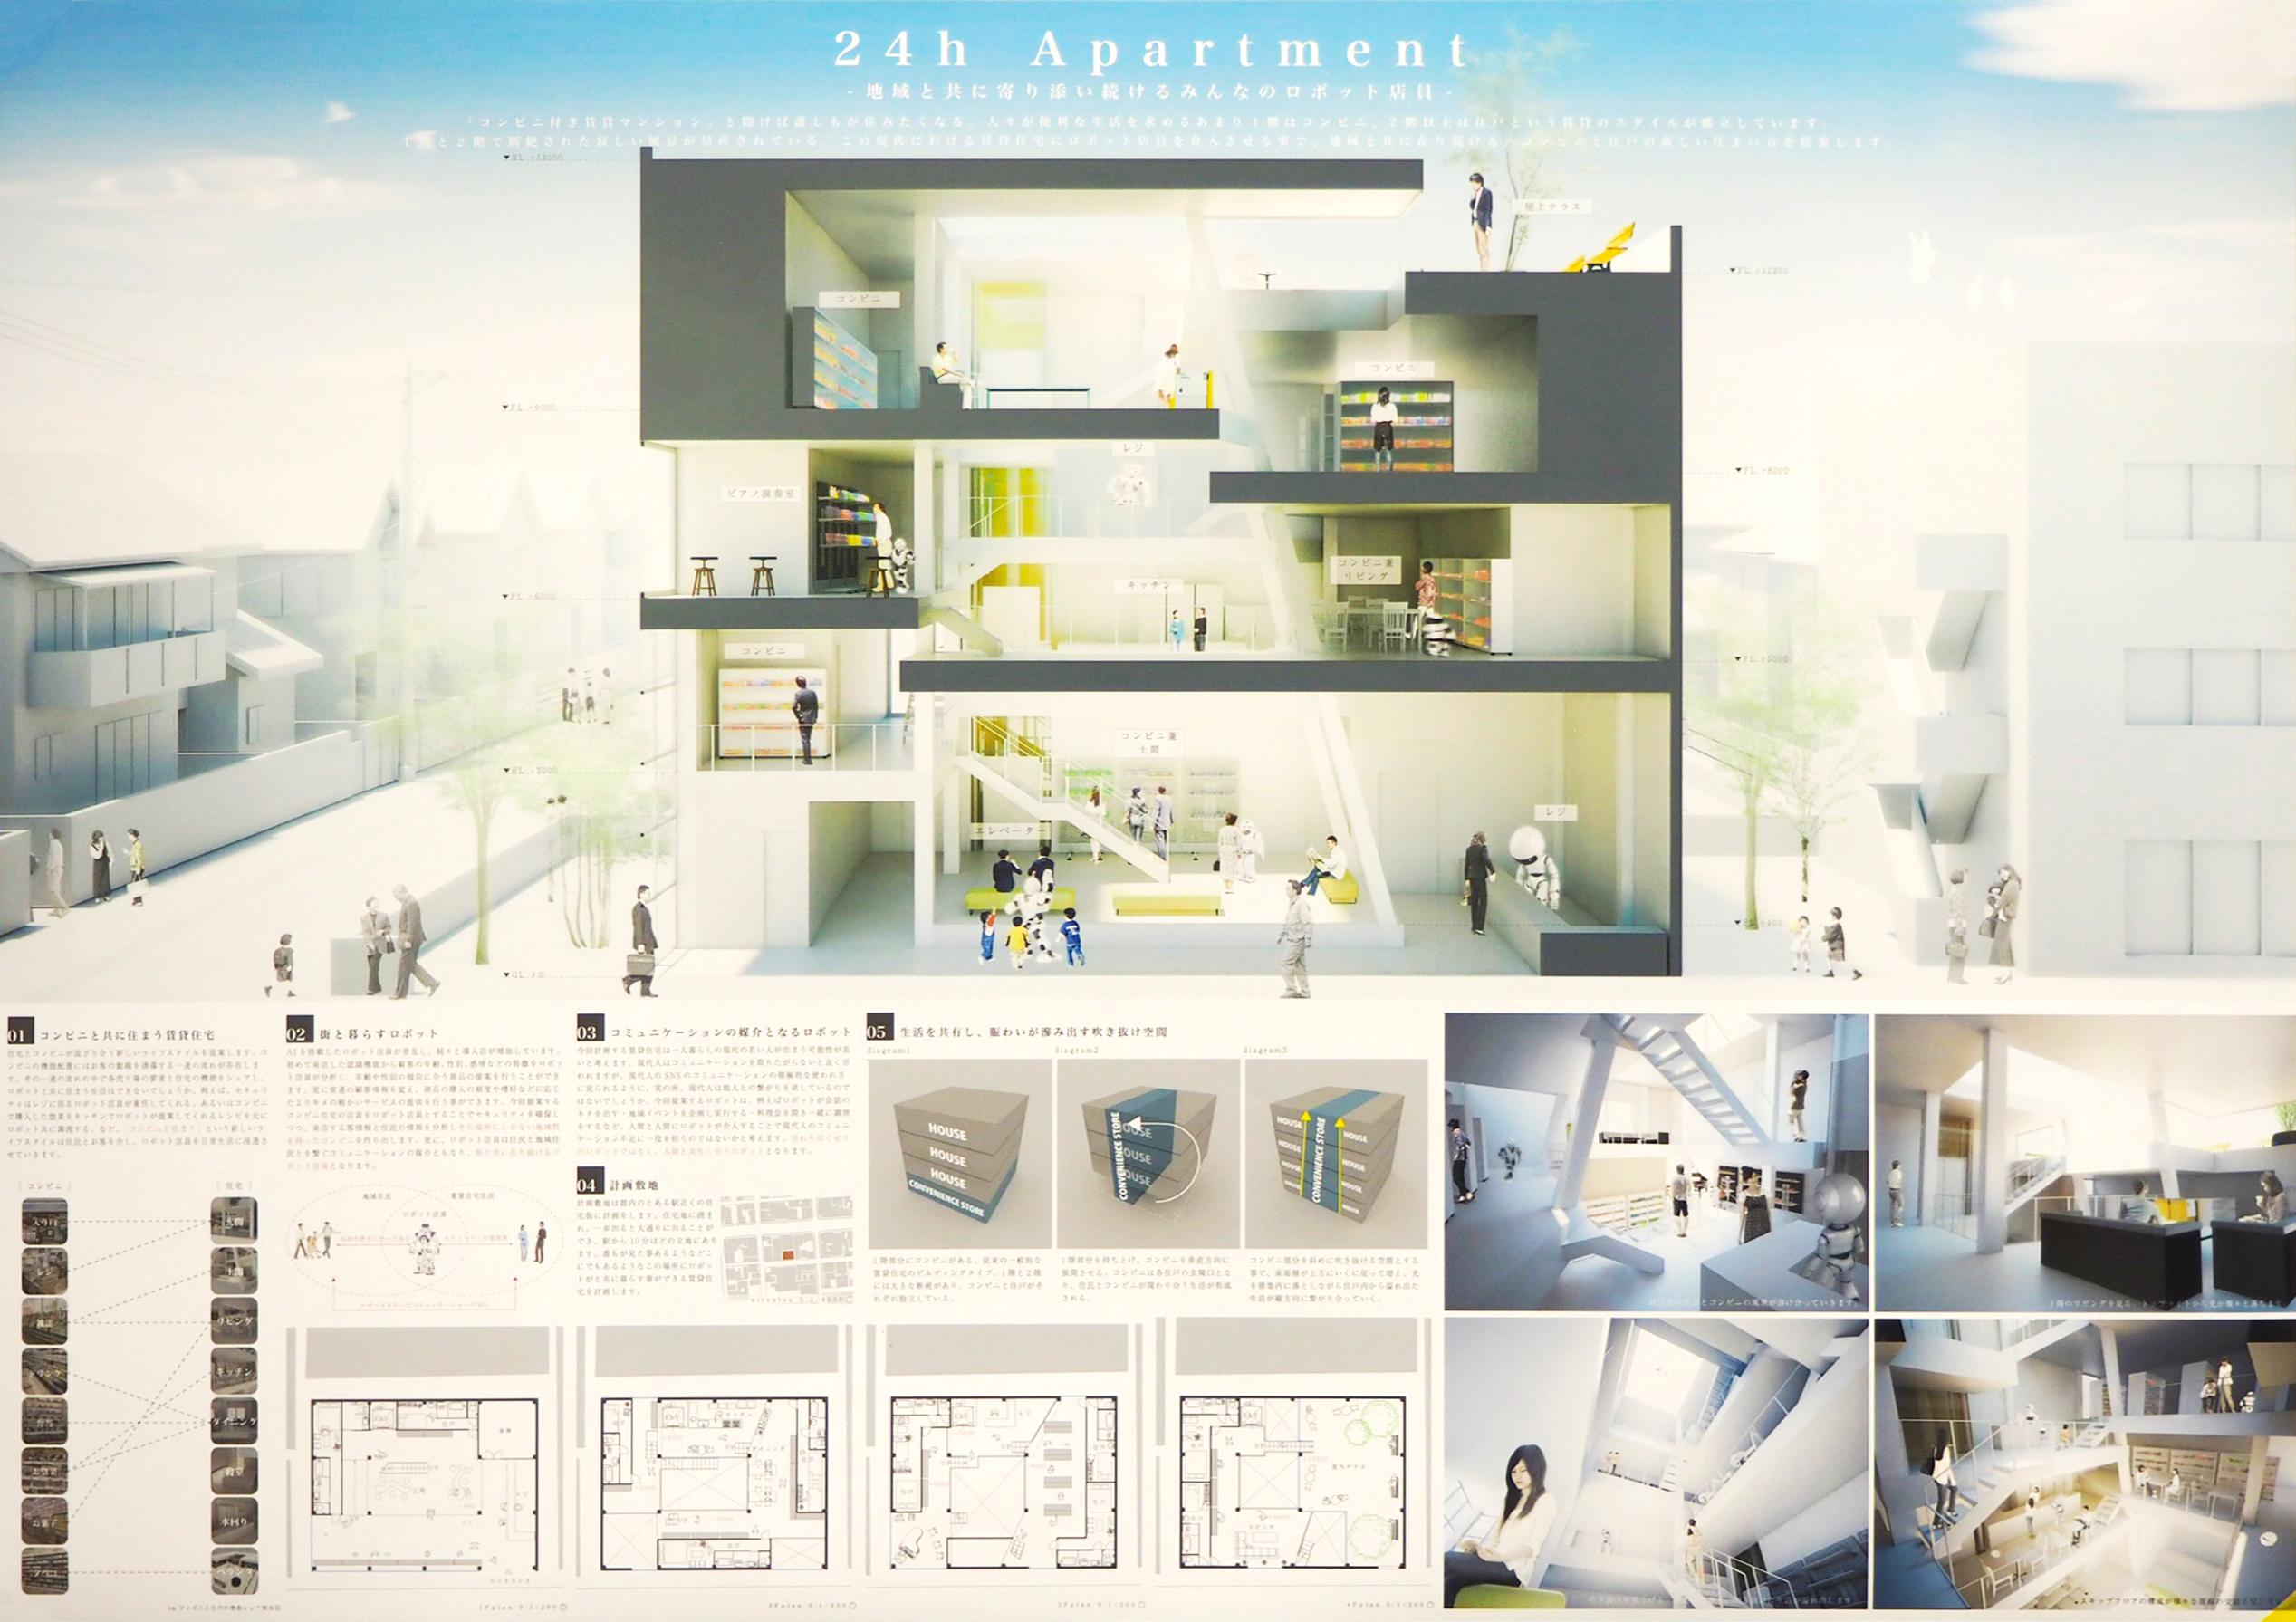 24h Apartment